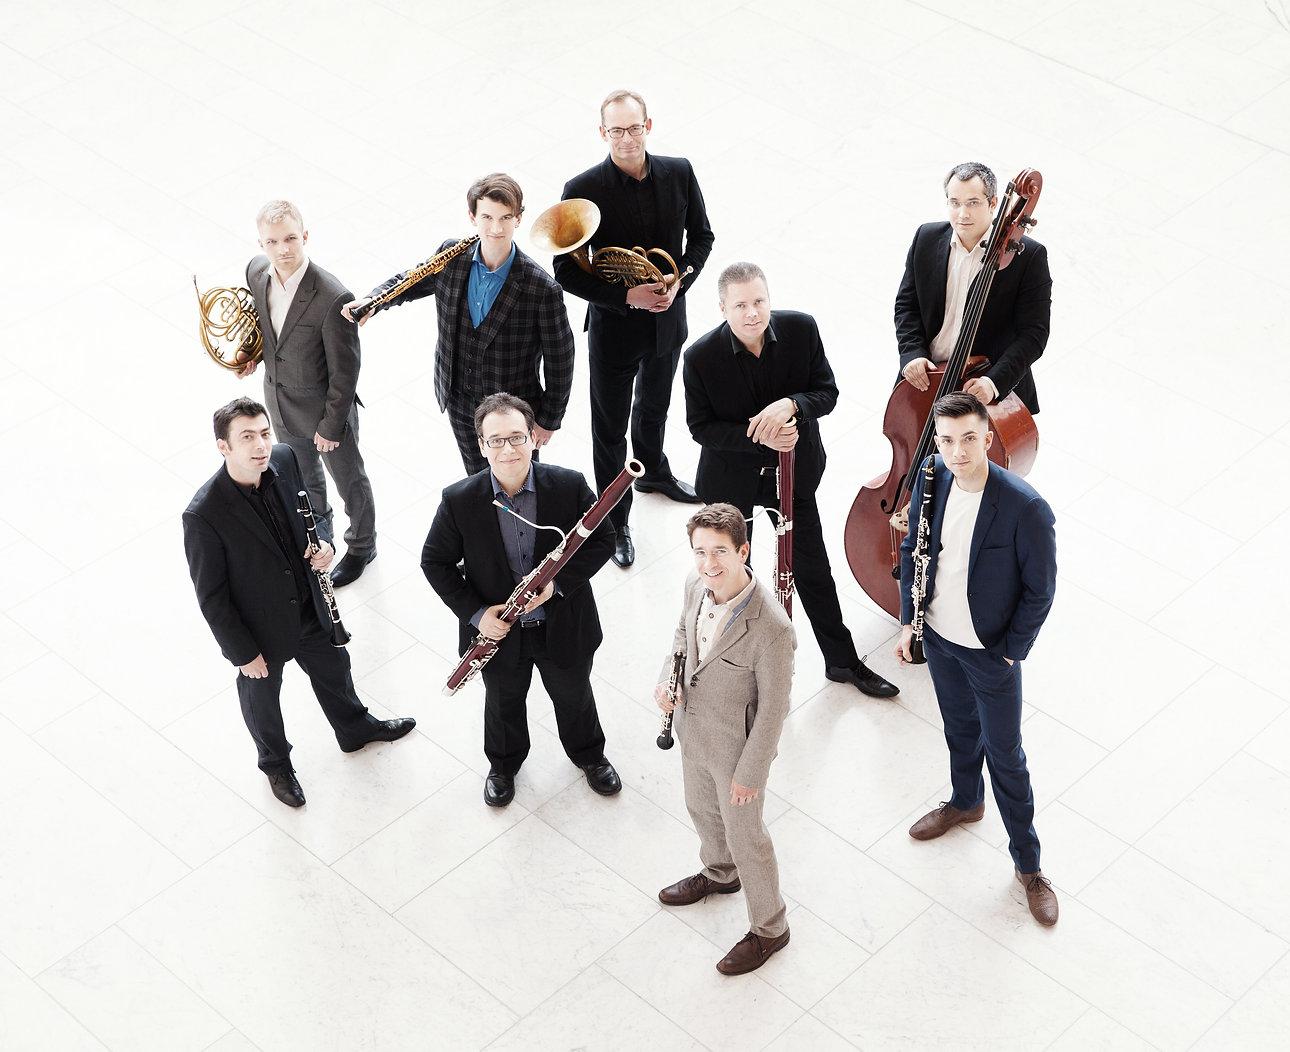 Oslo Kammerakademi. Chamber music. Harmoniemusik.